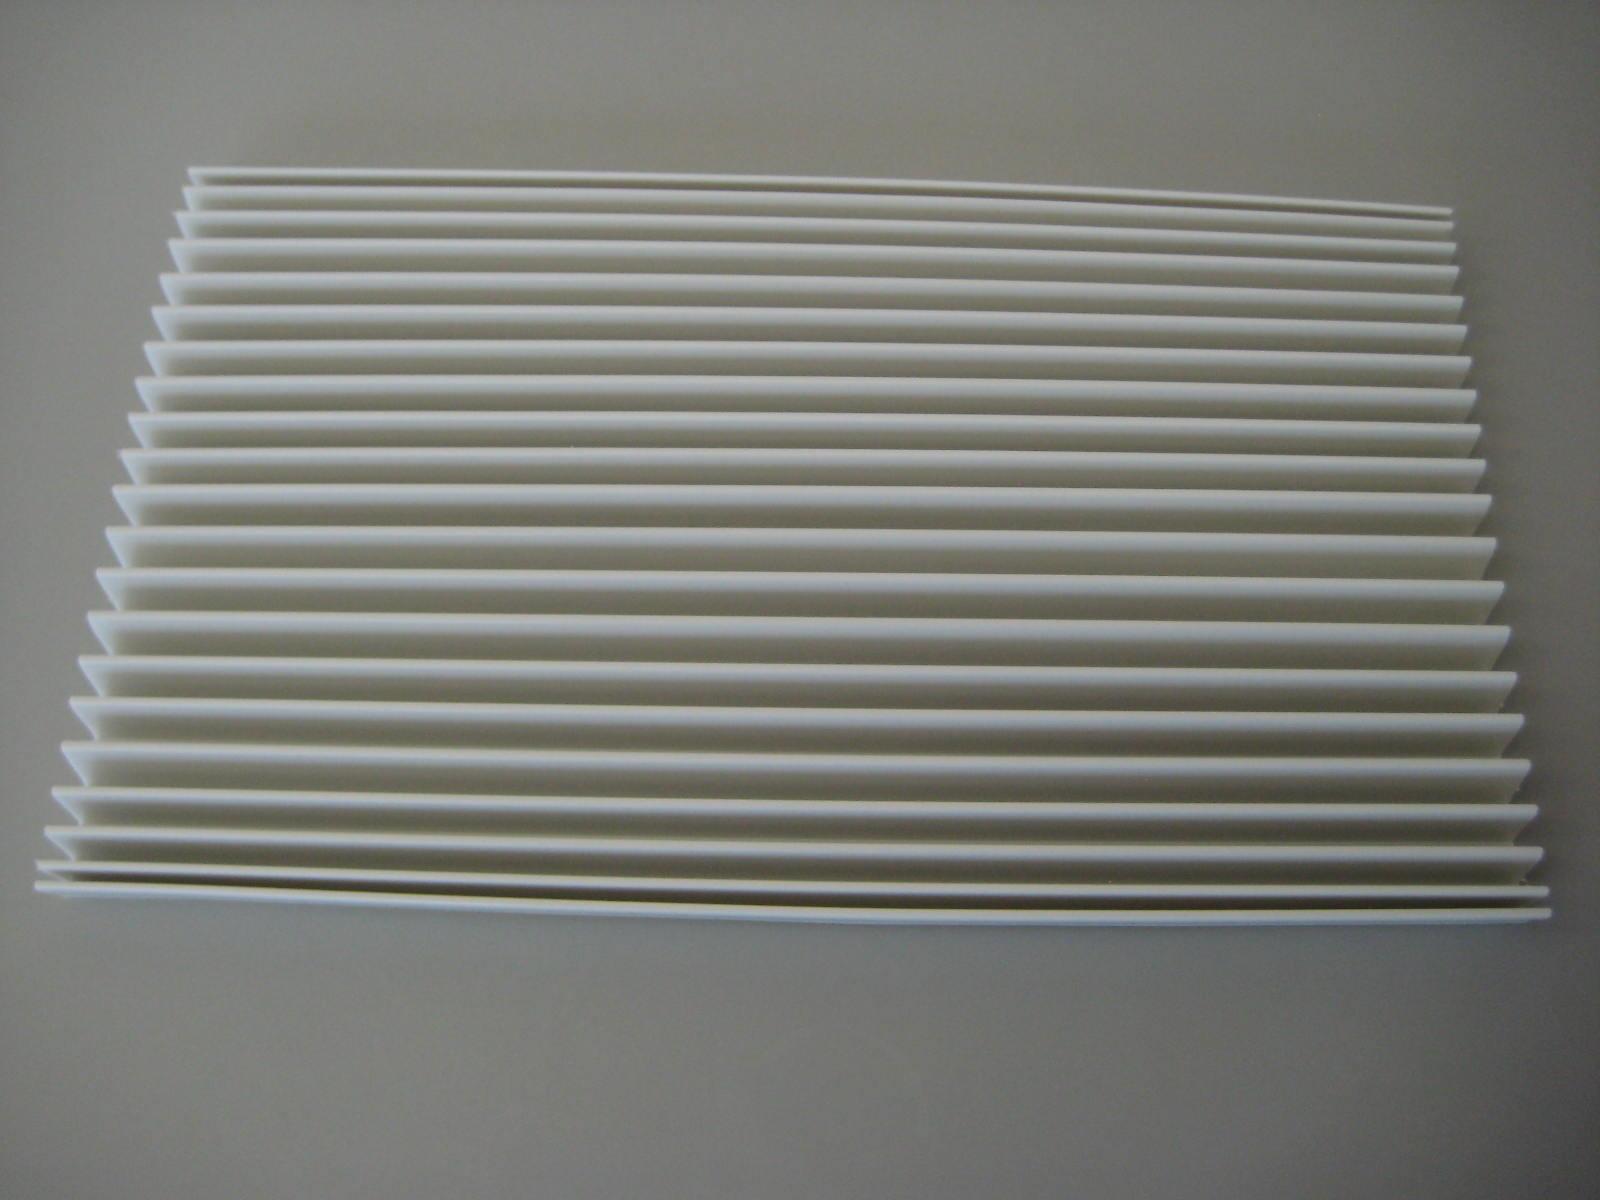 コロナ部品:アコーディオンパネル 注文後の変更キャンセル返品 アウトレット☆送料無料 320155014冷暖房兼用ウィンドエアコン用